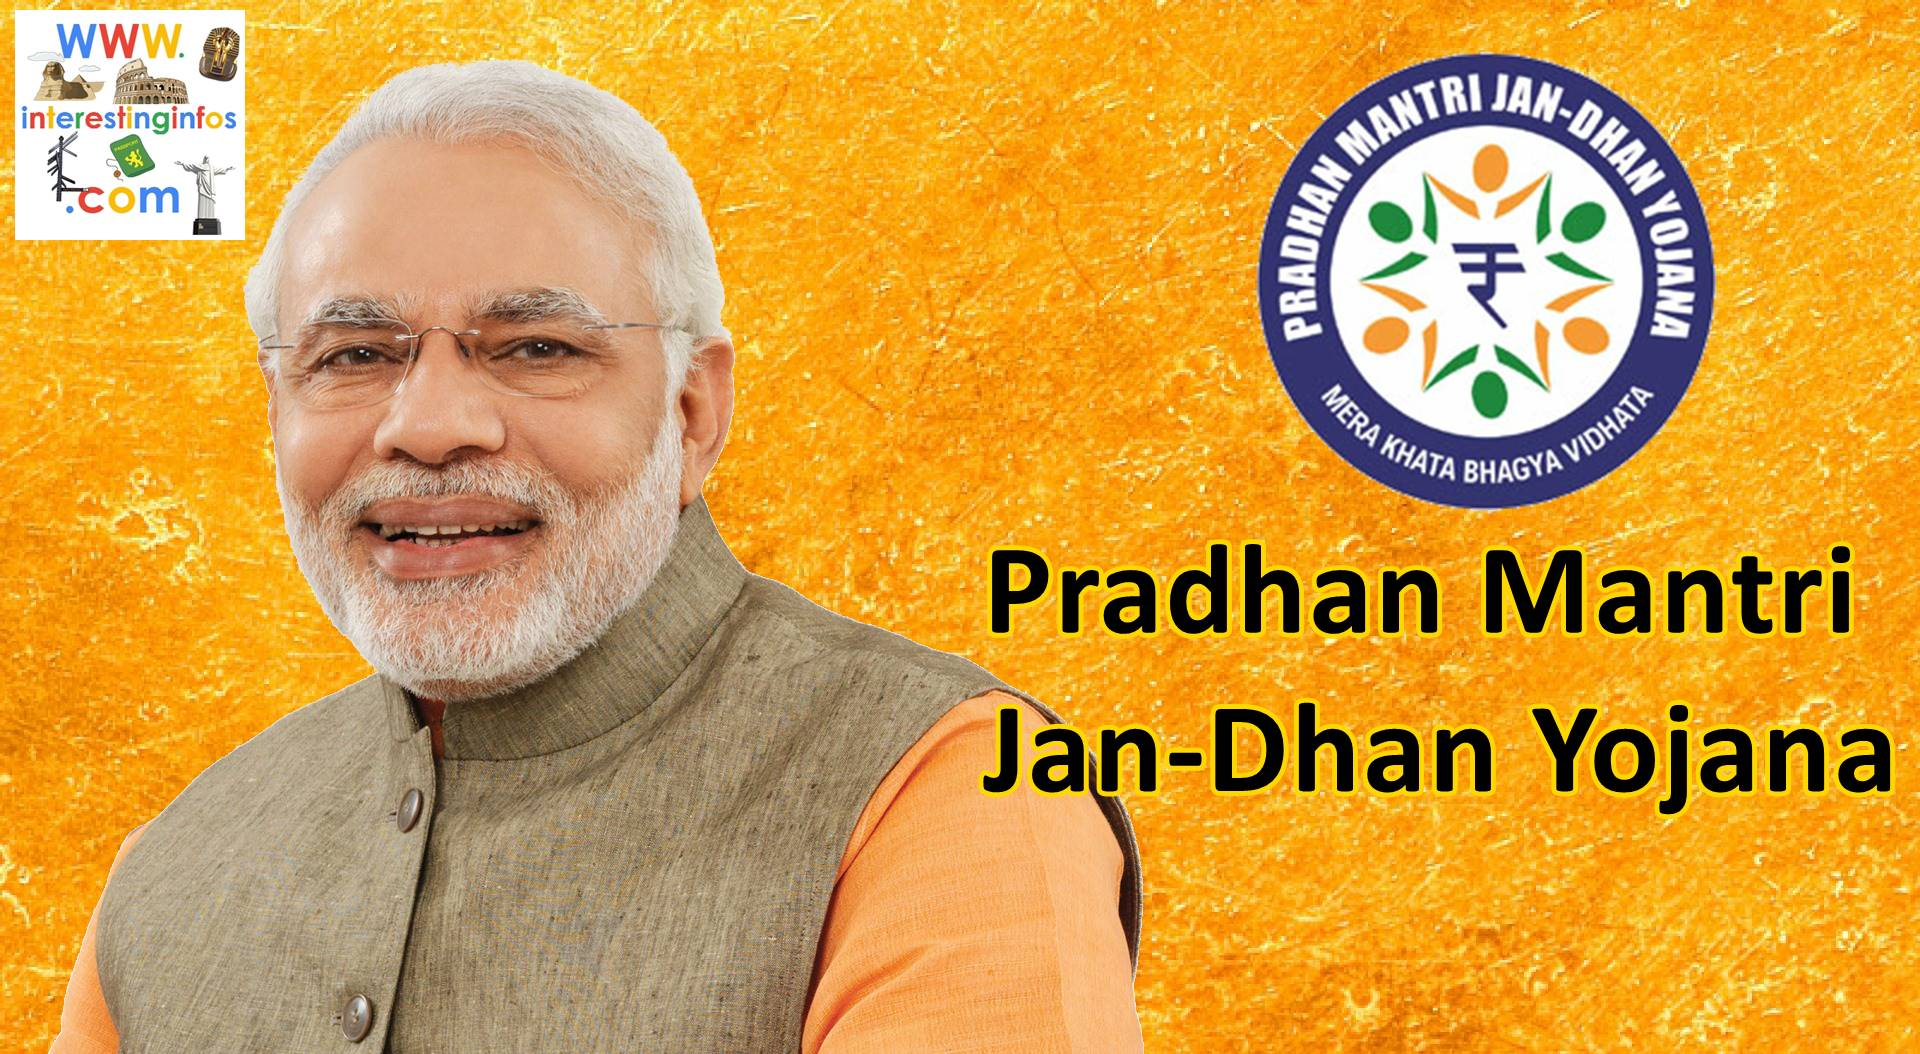 Narendra modi Pradhan mantri Jan dhan yojana